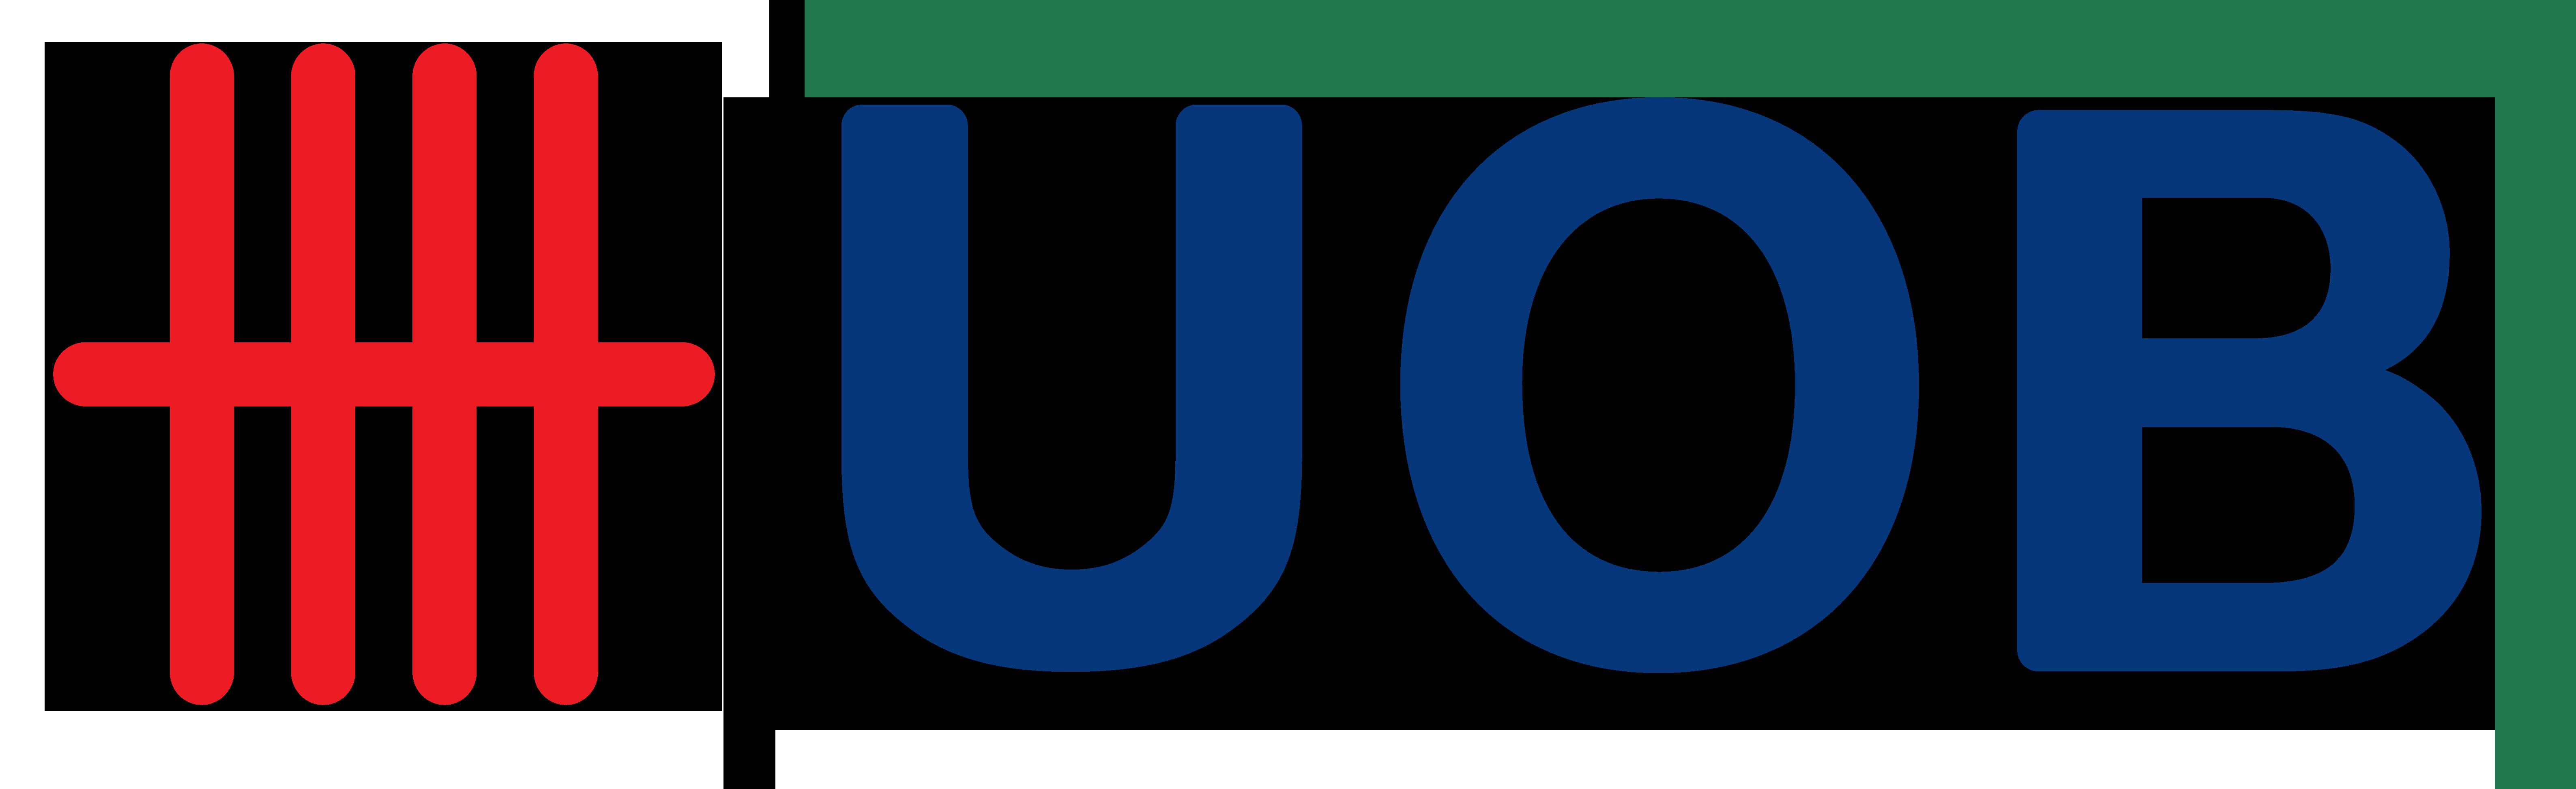 United Overseas Bank, UOB u2013 Logos Download